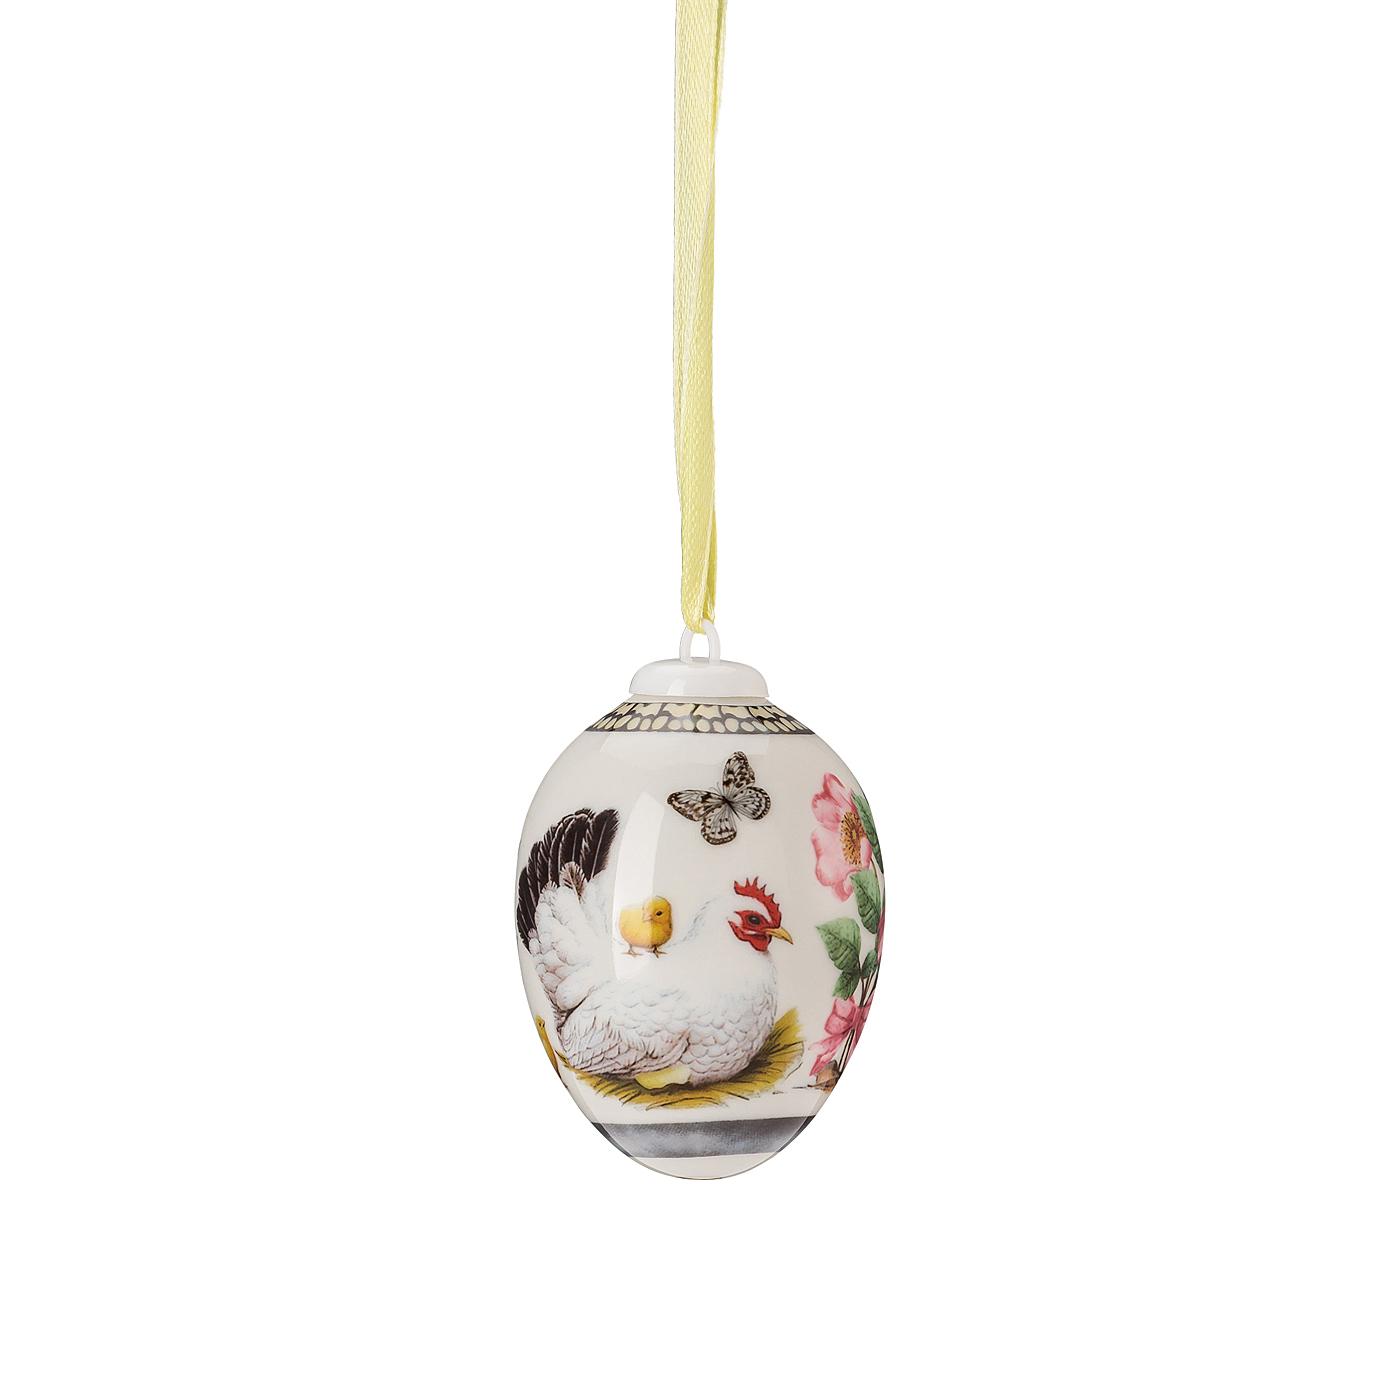 Porzellan-Ei Das Ei 2021 Hutschenreuther